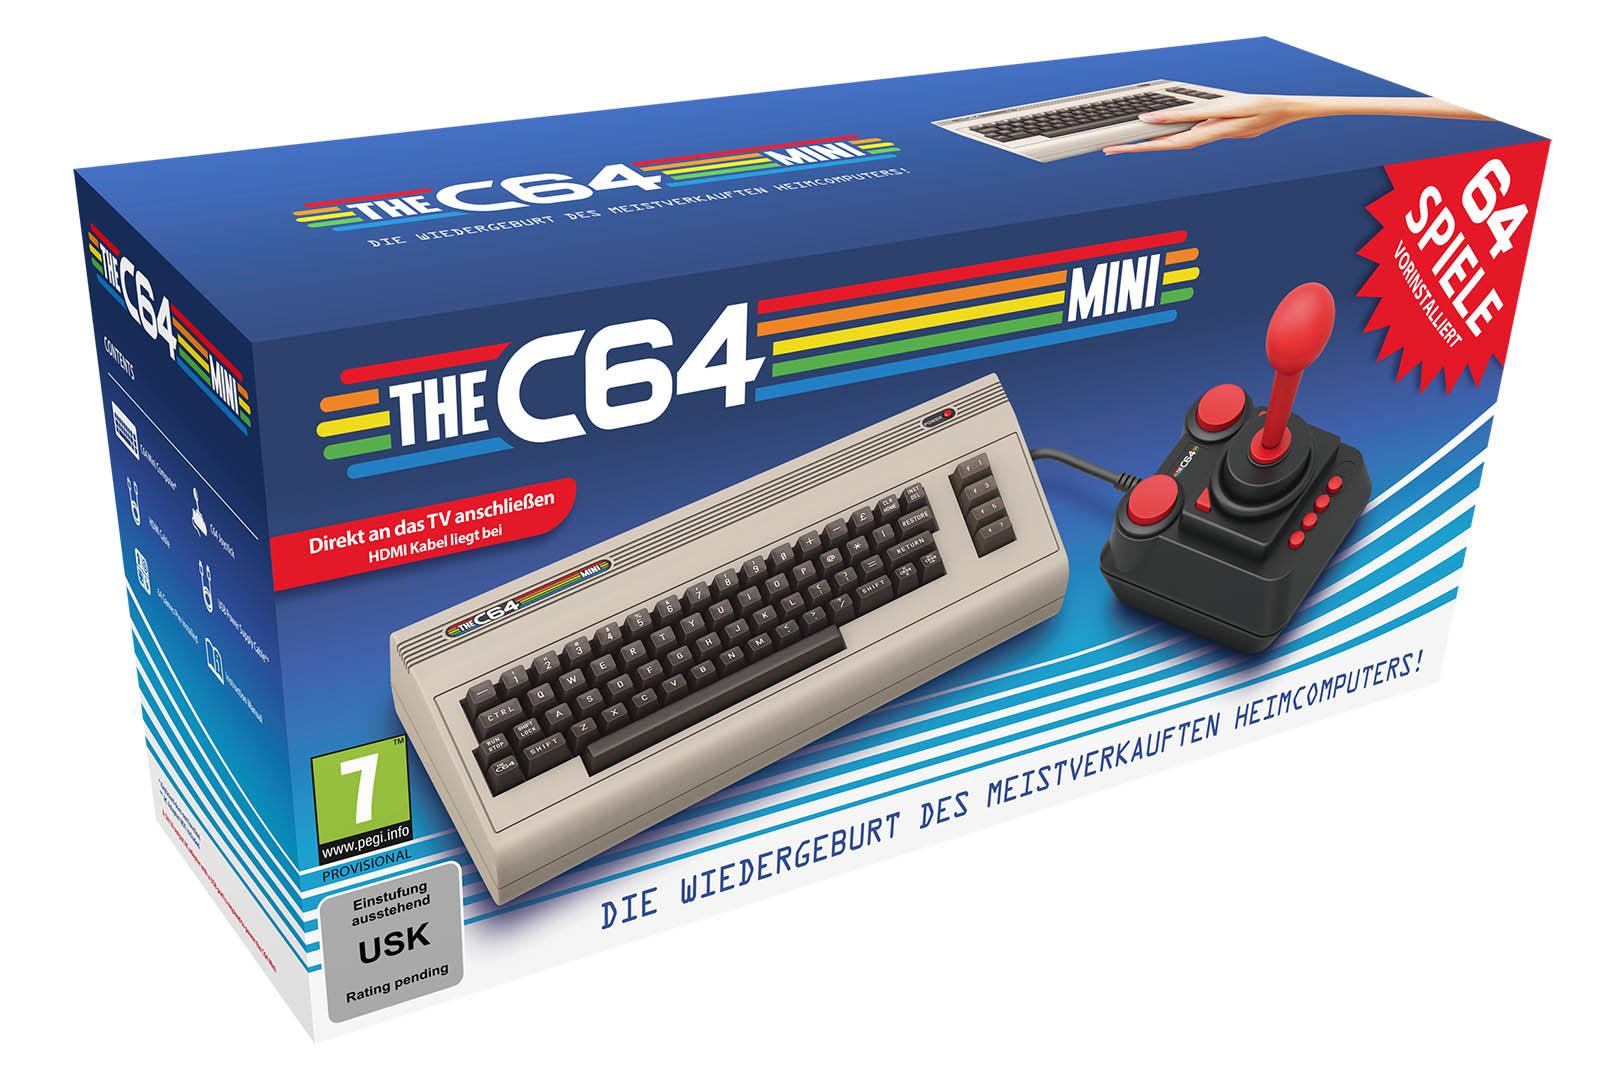 THEC64_BOXSHOT_3D_DE